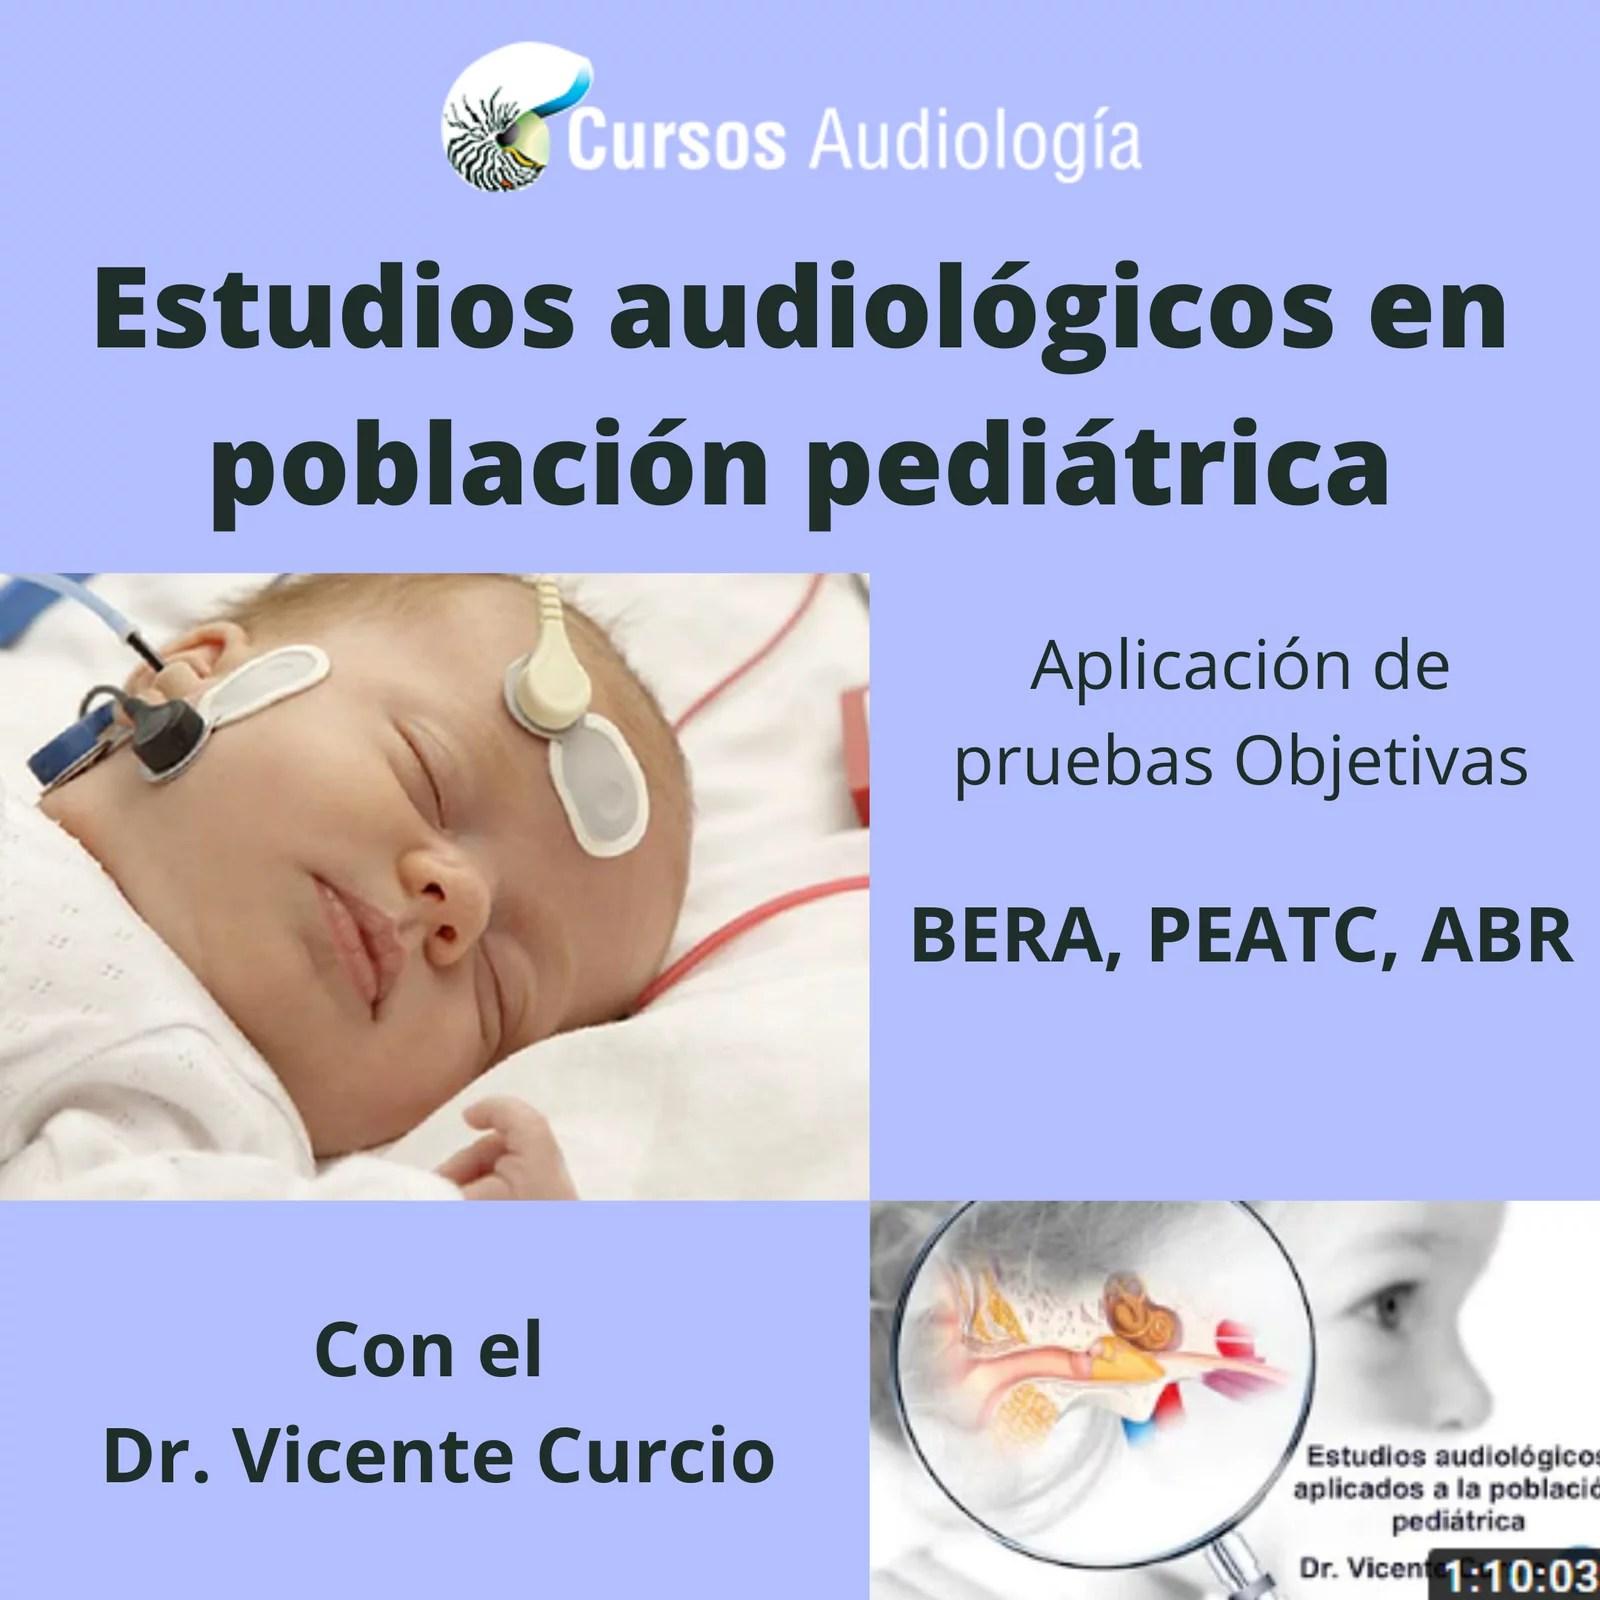 Estudios audiológicos en población pediátrica